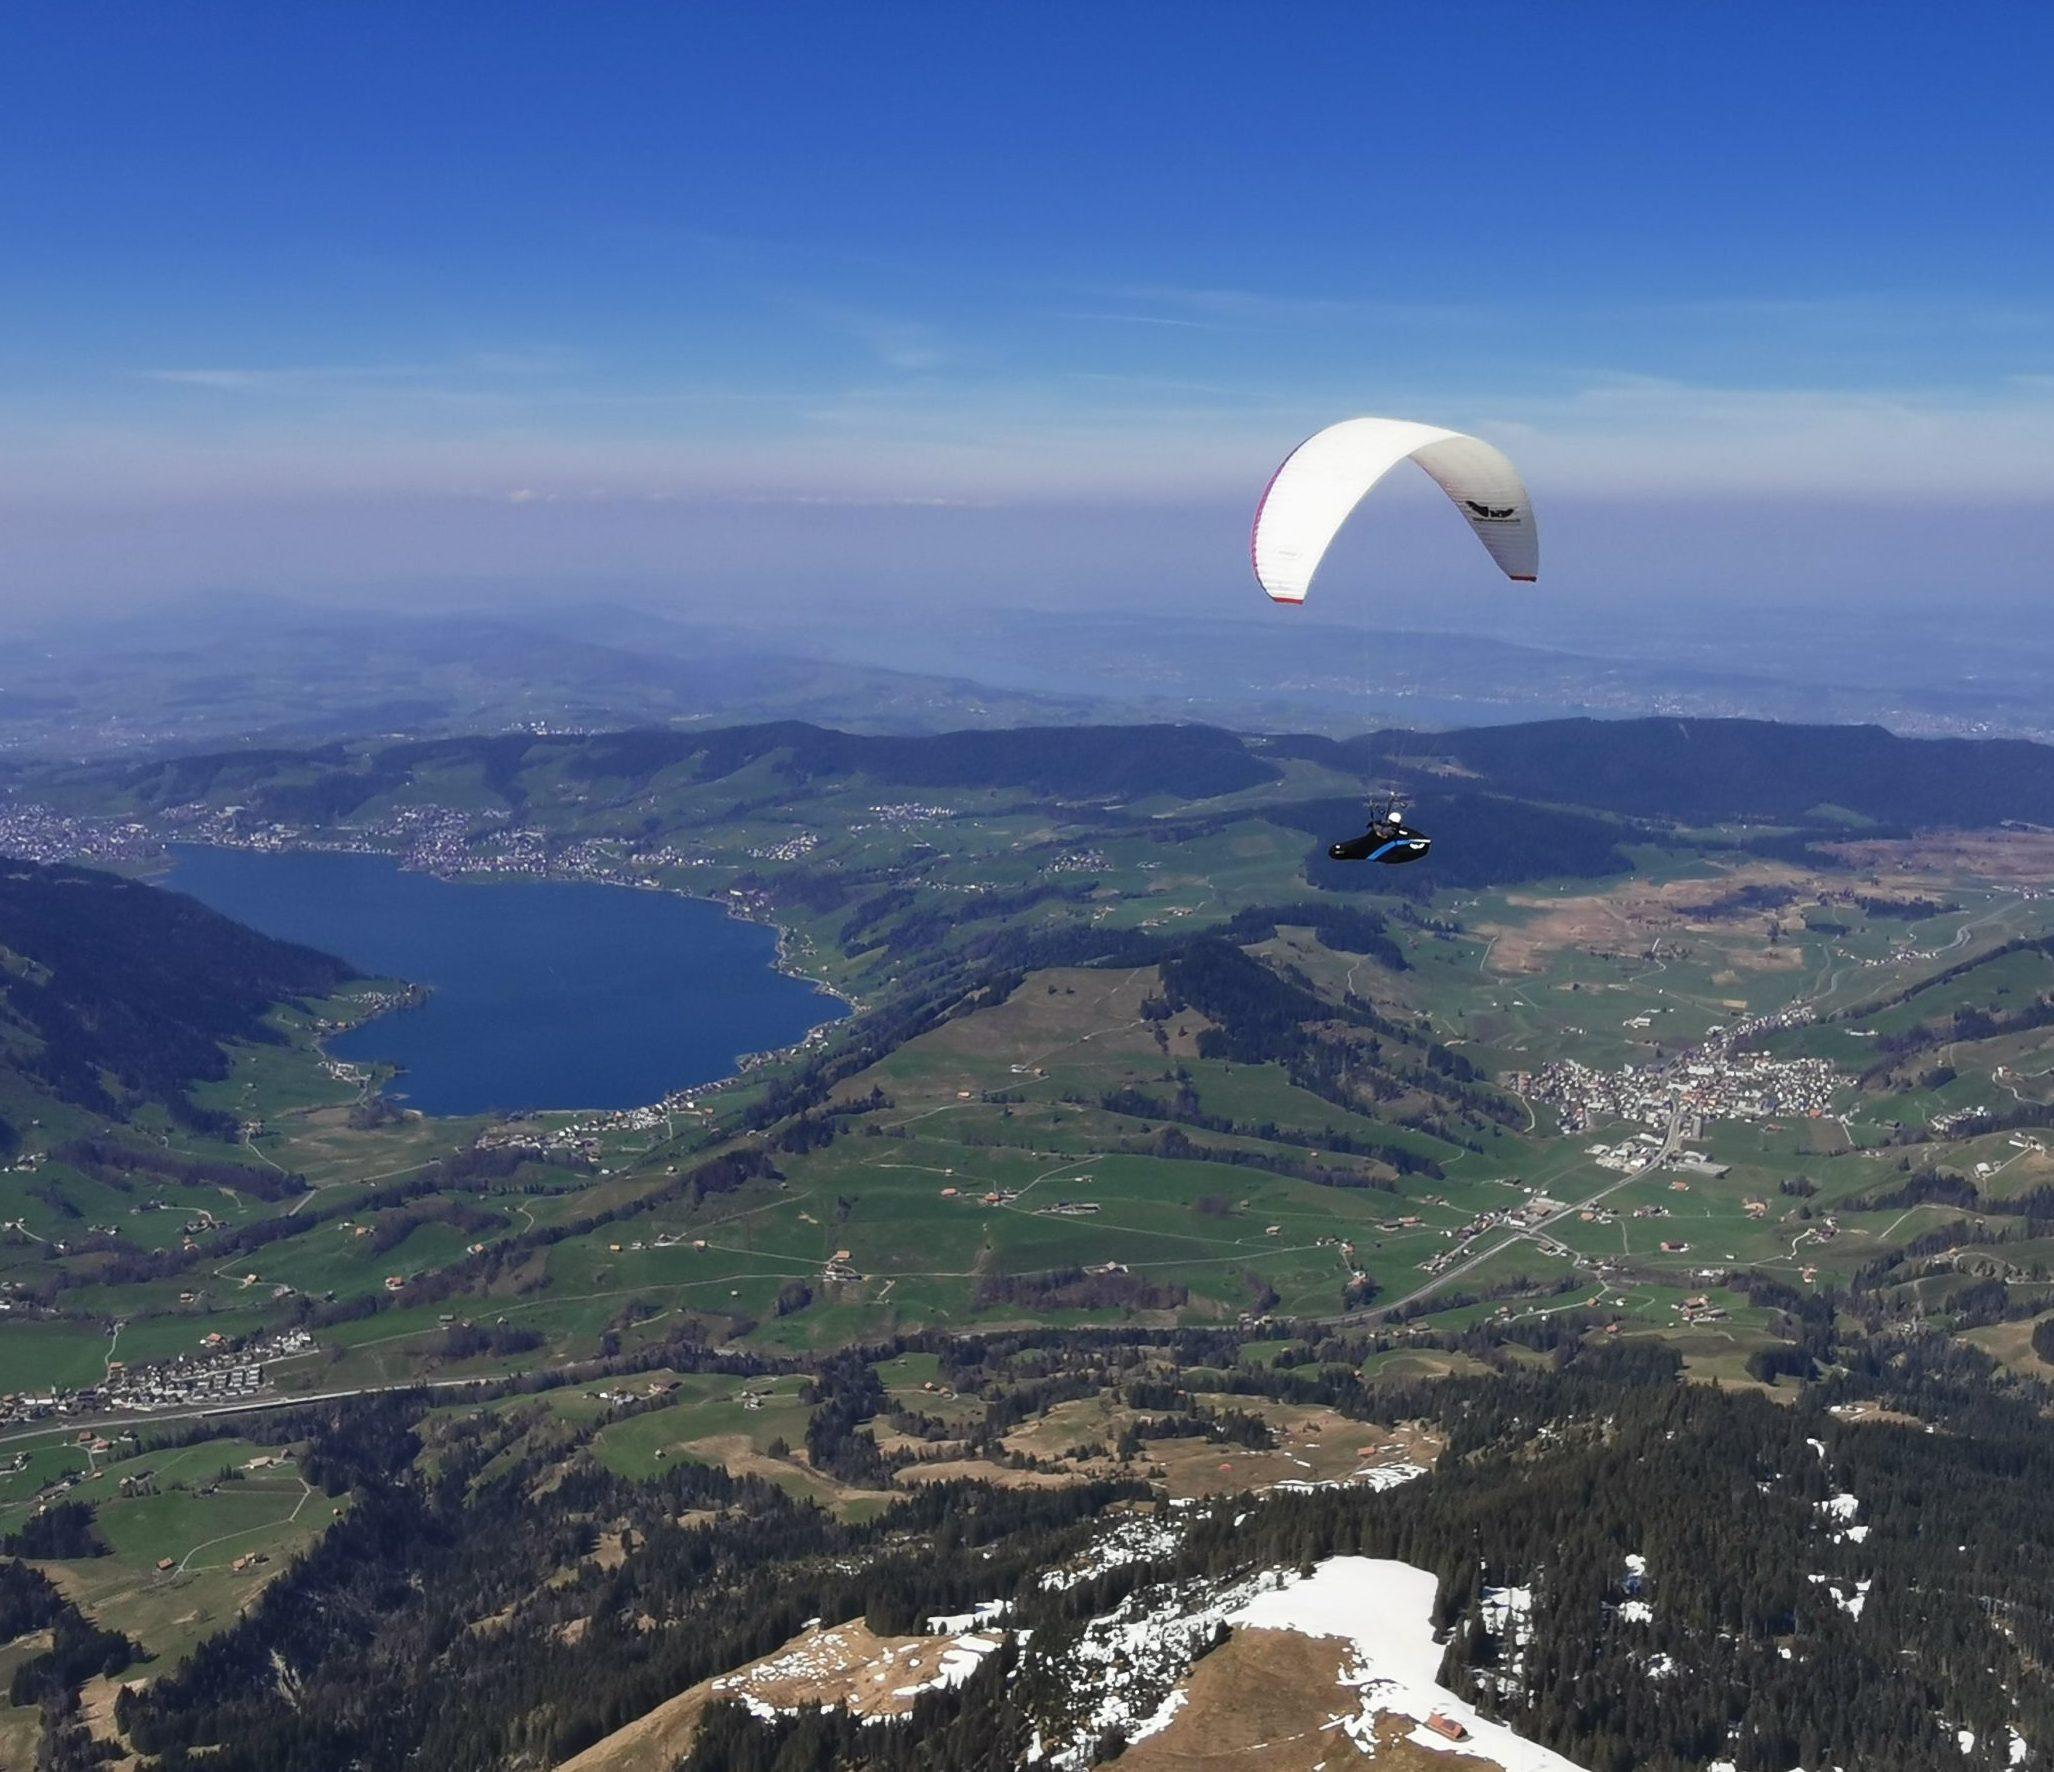 Schweizerische Seen-Tour – einer der schönsten Flüge in 33 Gleitschirm-Jahren